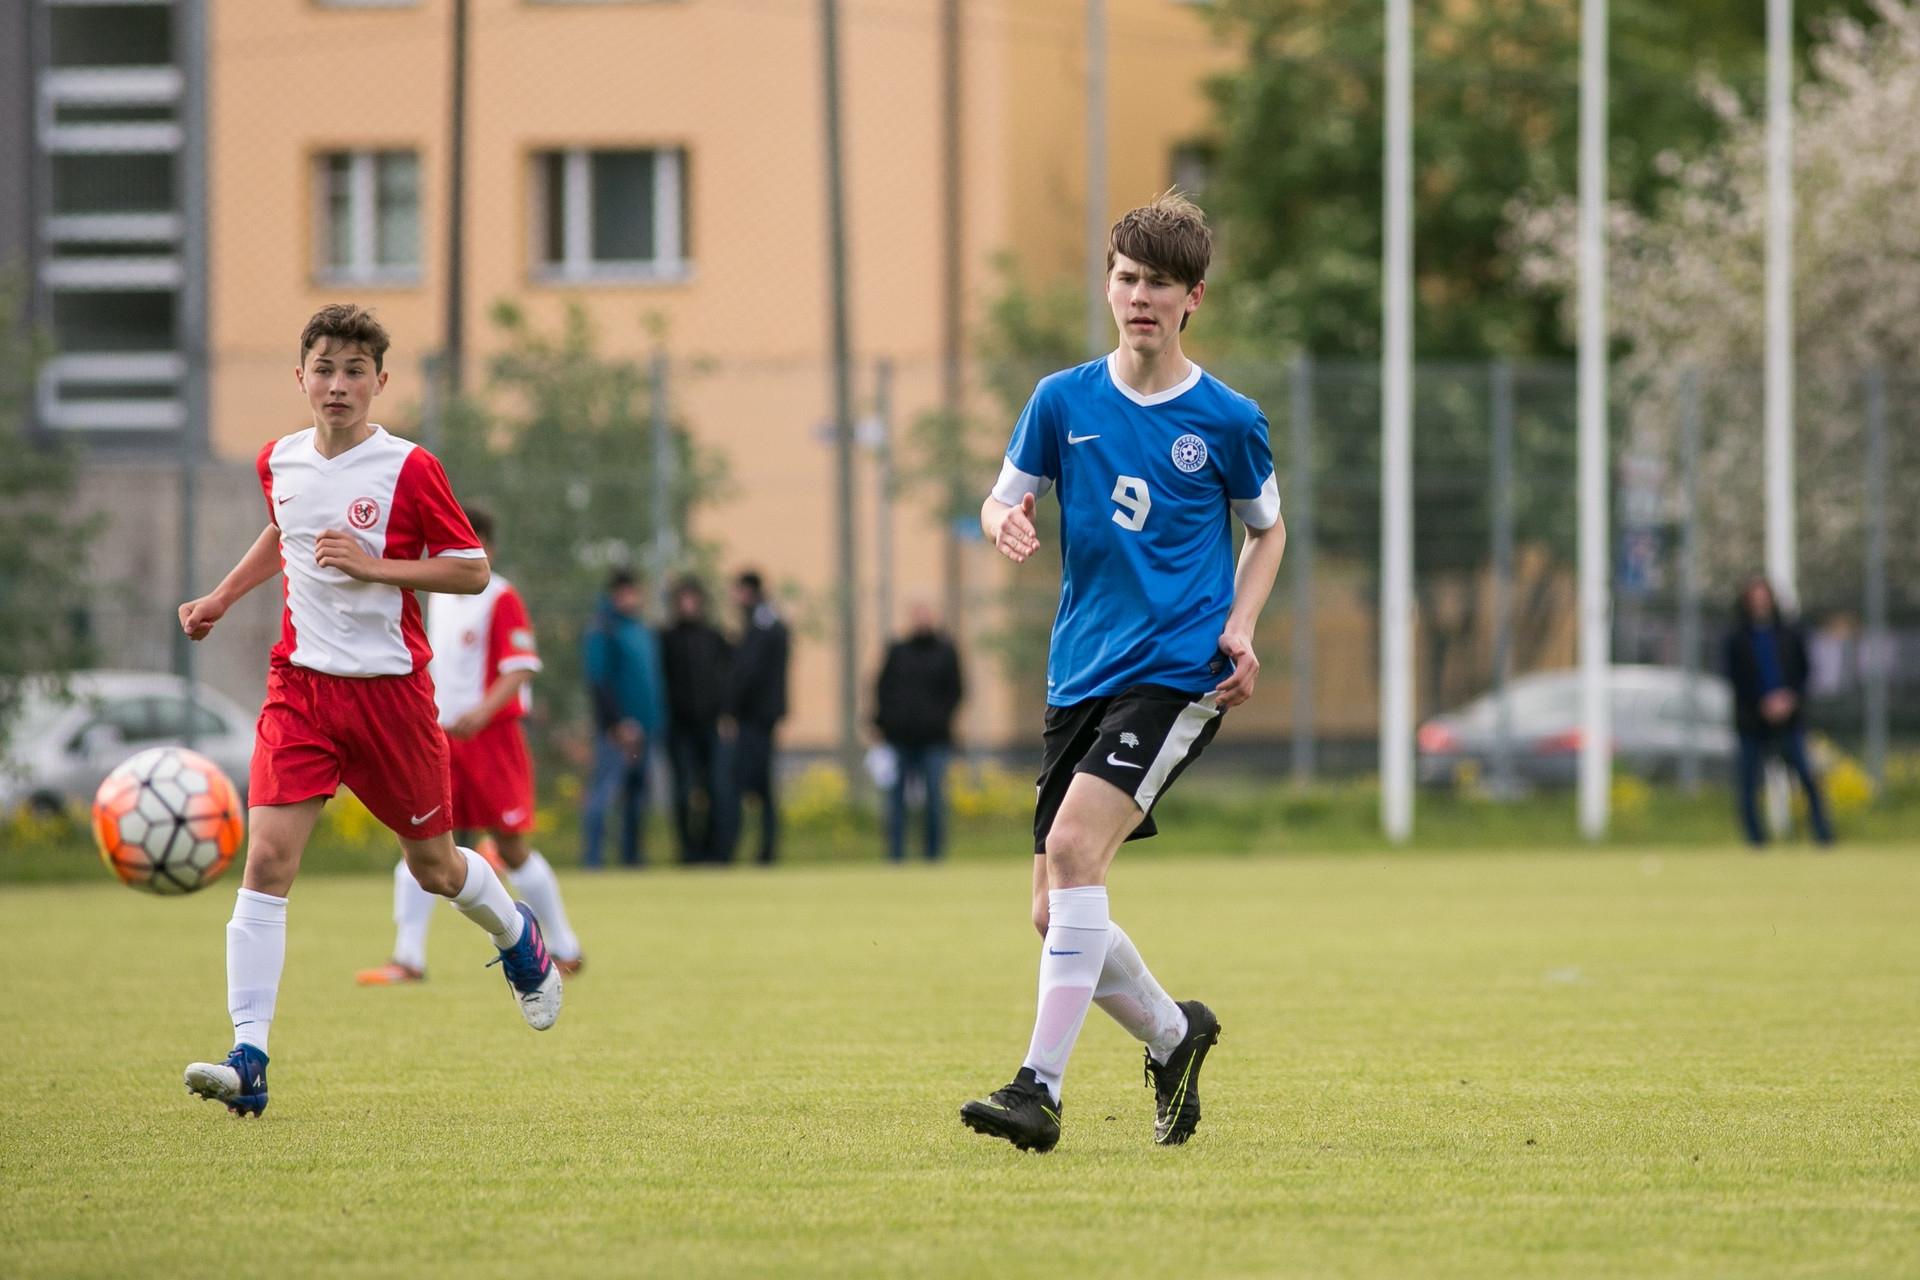 e0cba708df8 Täna toimub EJLi TNTK väljakul U17 vanuseklassi noormeeste treeningpäev,  millest võtab osa 17 mängijat.